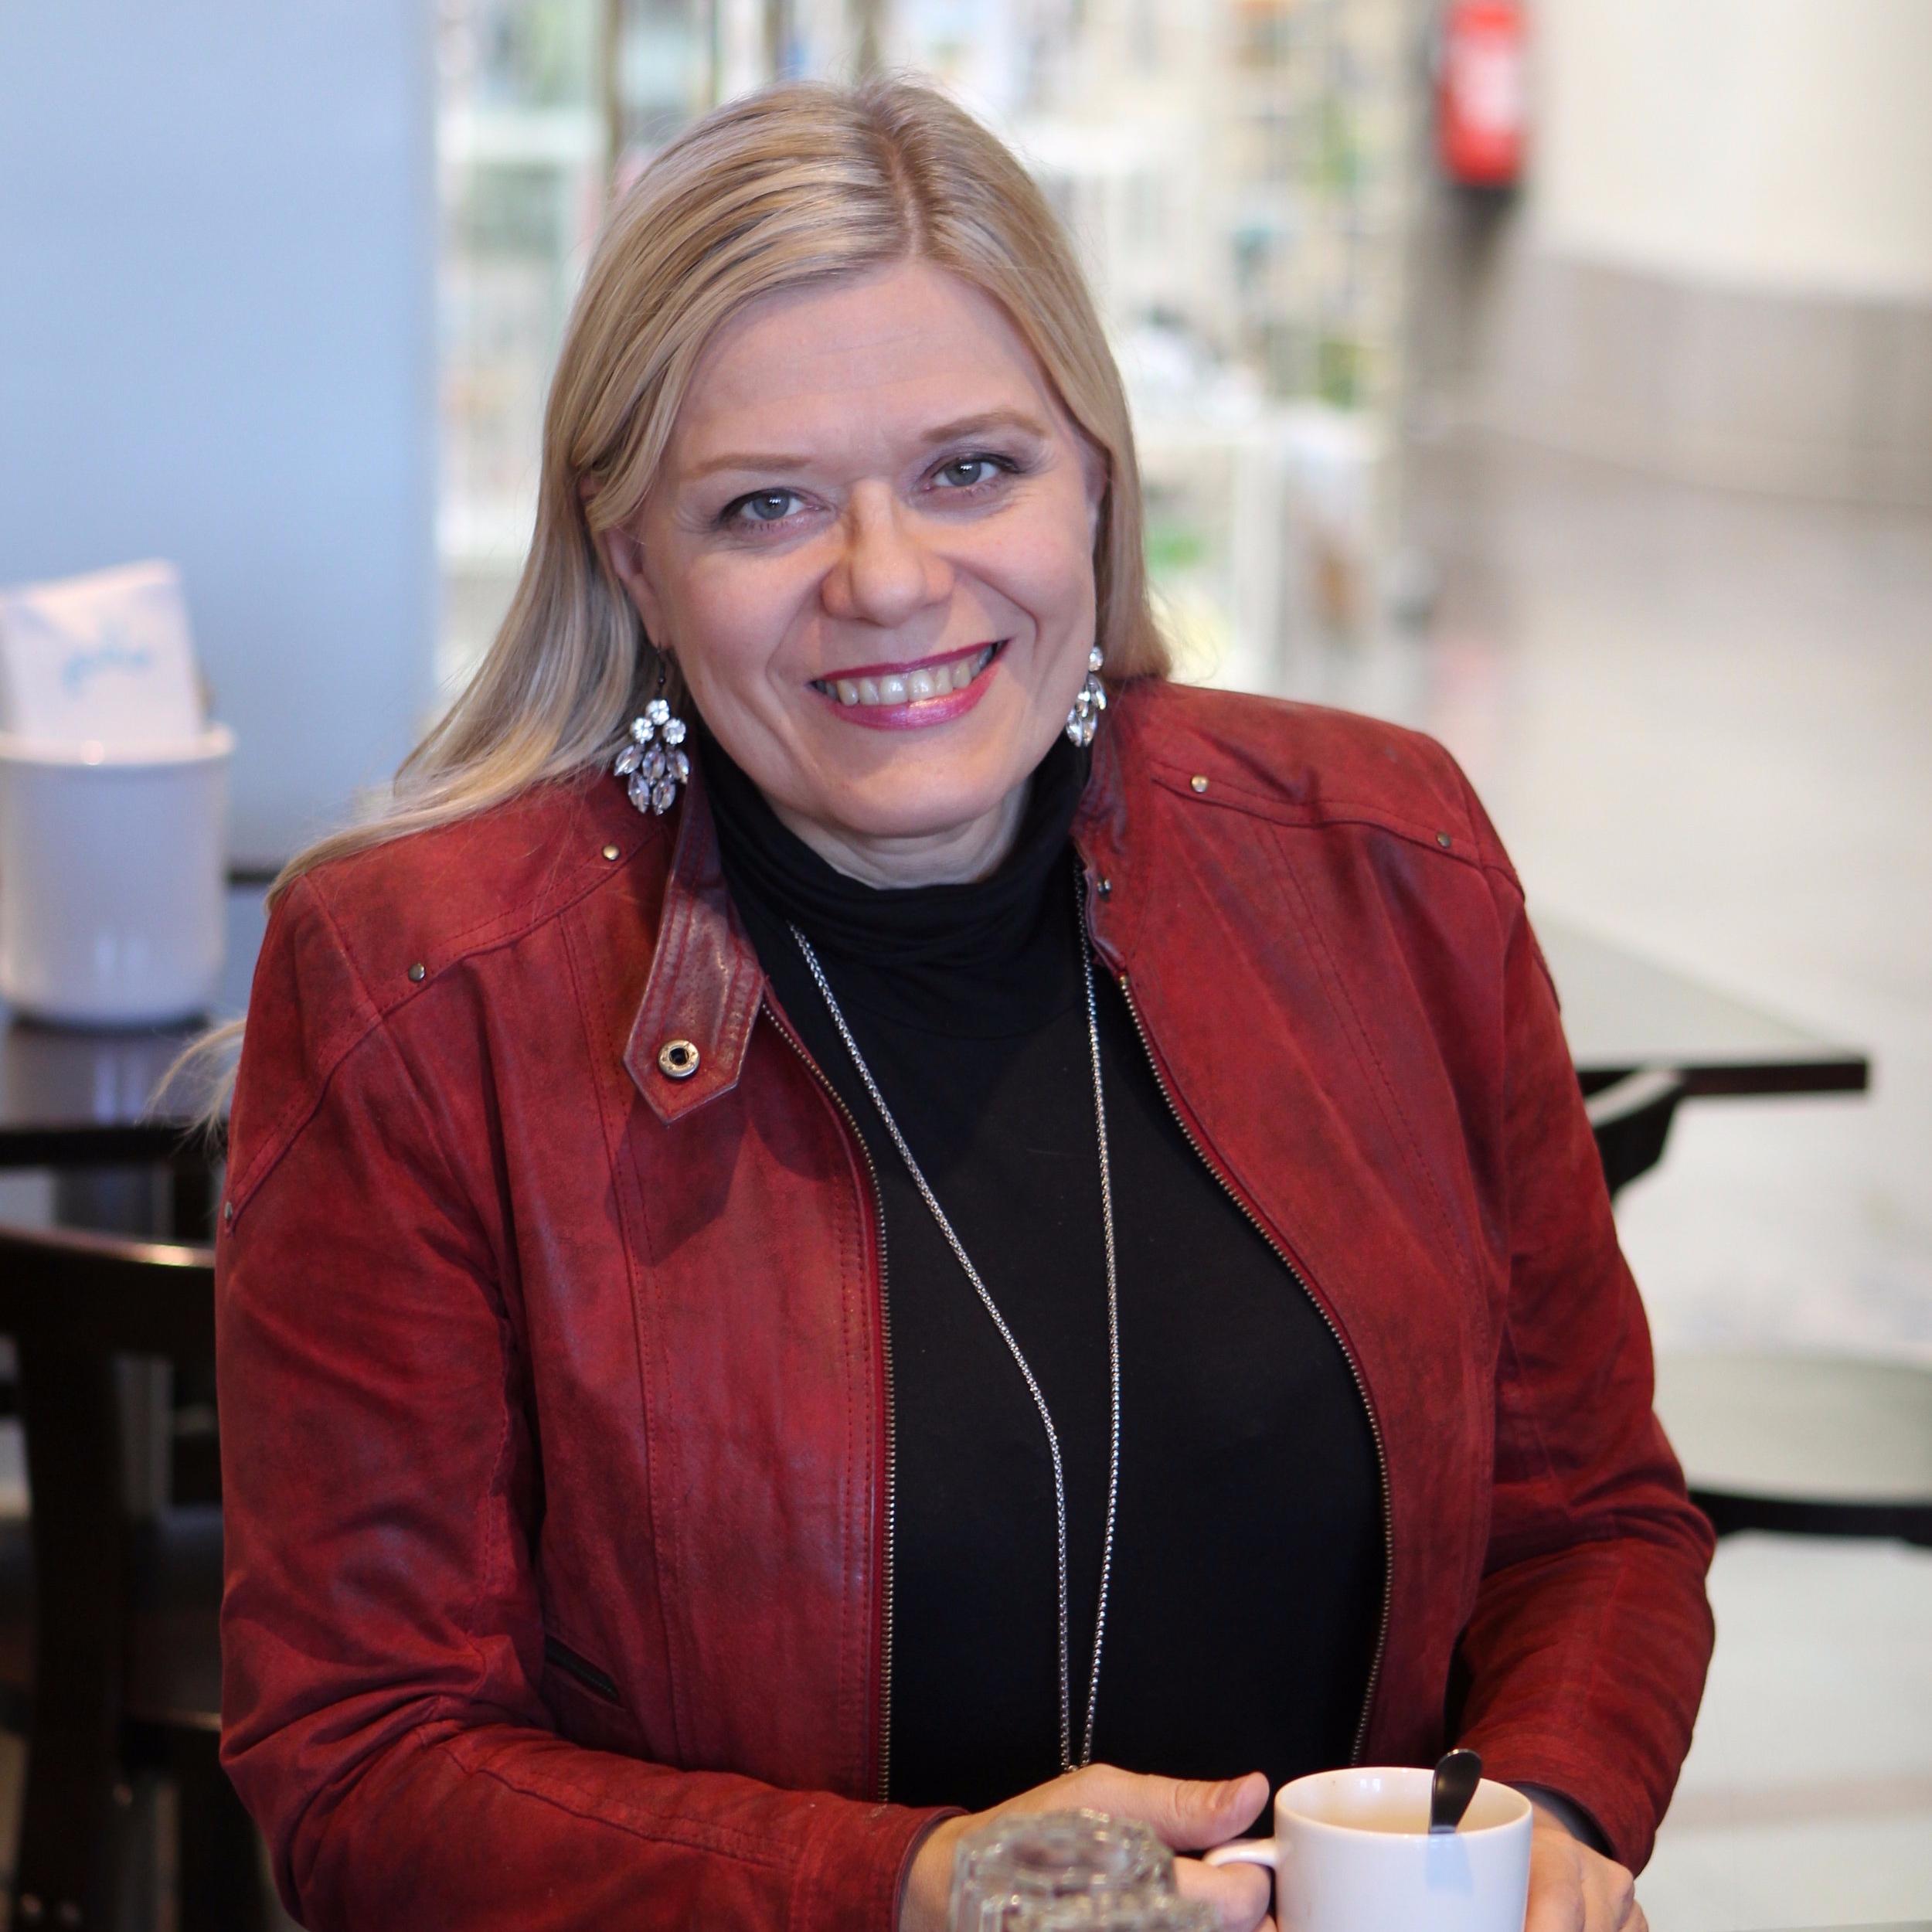 Heli Karhumäki - Sana-lehden päätoimittaja Heli Karhumäki tunnetaan sattuvasanaisena ja kantaaottavana journalistina. Hän toimi pitkään Ilta-Sanomien uutistoimittajana. Karhumäeltä on ilmestynyt useita kirjoja sekä ääniteos Pihtaajatytön katumus ja muita kristillisiä murretarinoita. Viestintäkouluttajana keikkaileva Karhumäki ei jätä ketään kylmäksi.